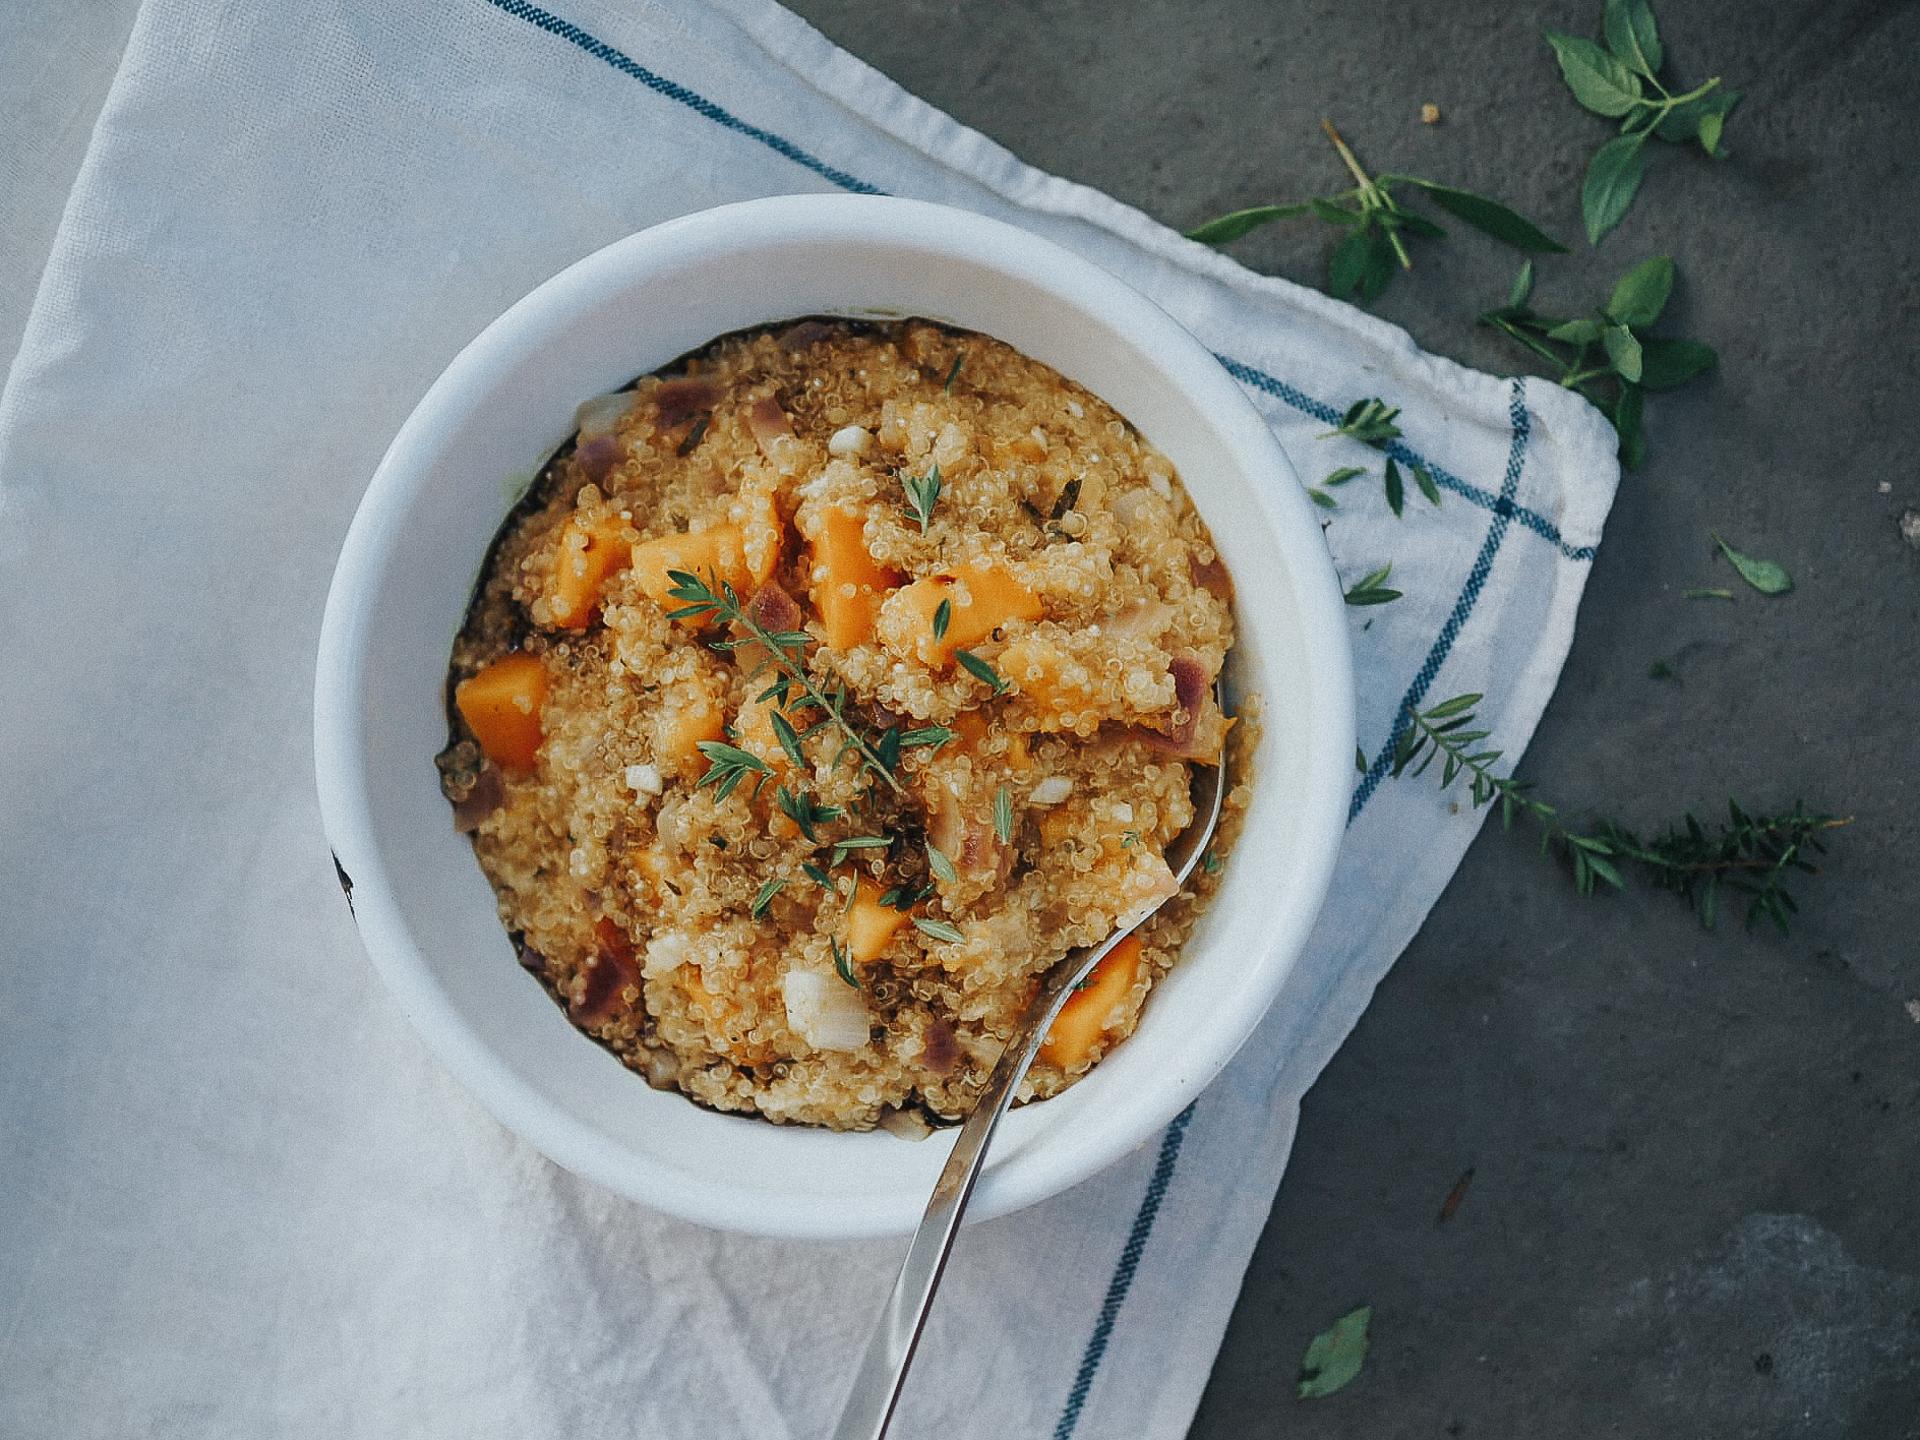 Quinoa ist reich an Proteinen und Eisen. - Fotocredit: Mira Nograsek